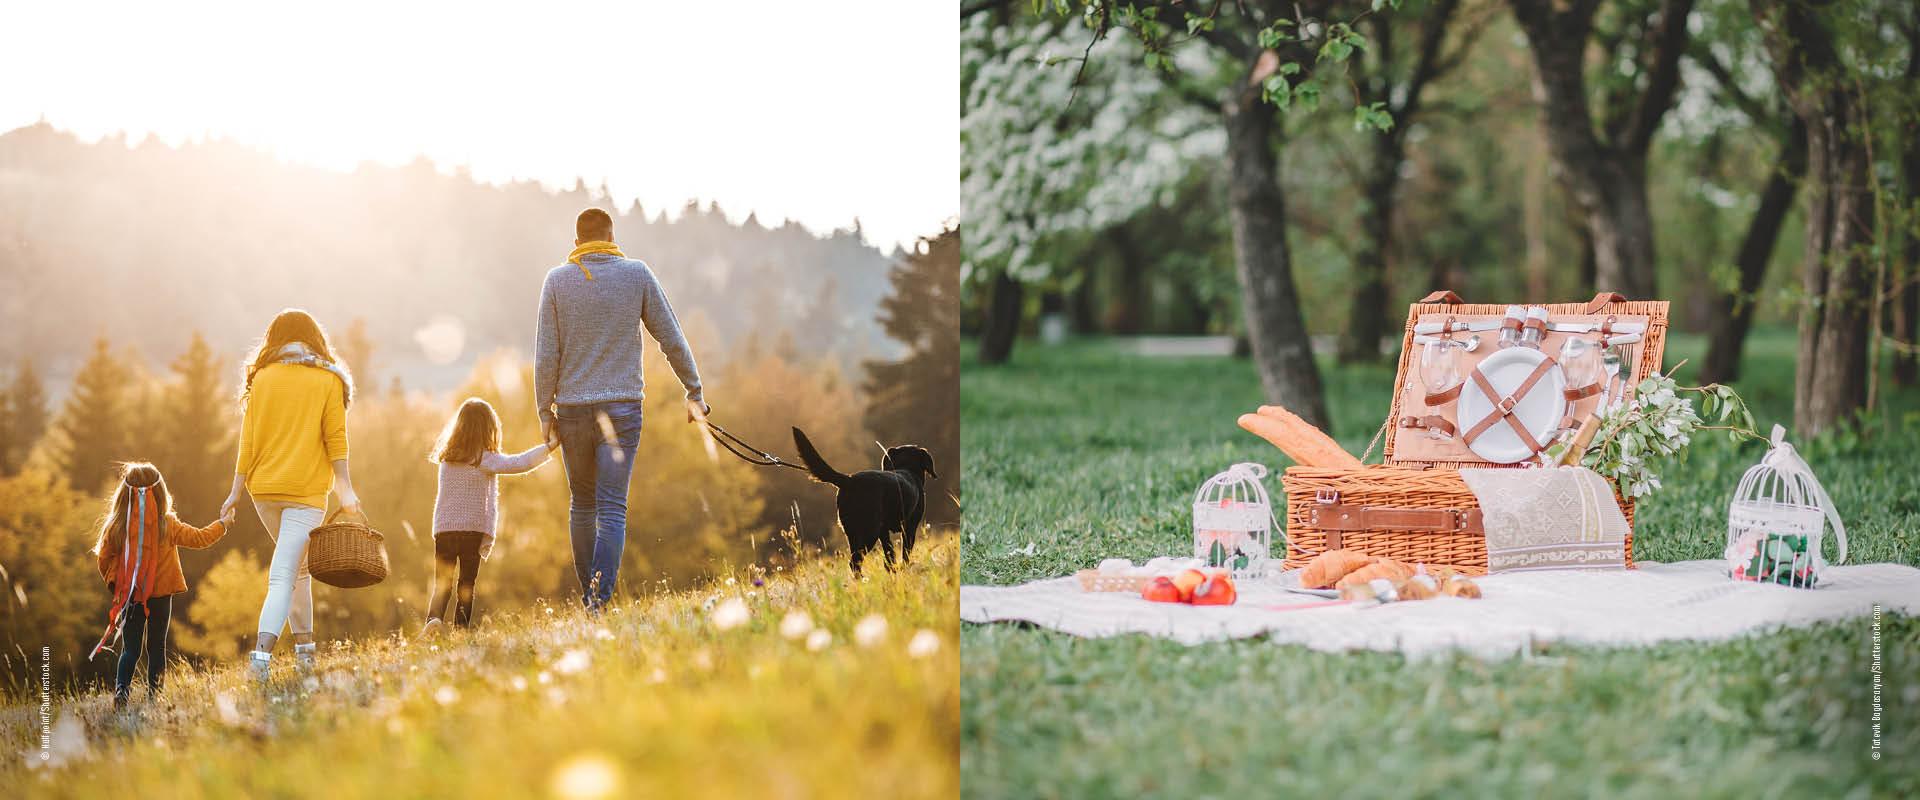 Picknick-Plätze